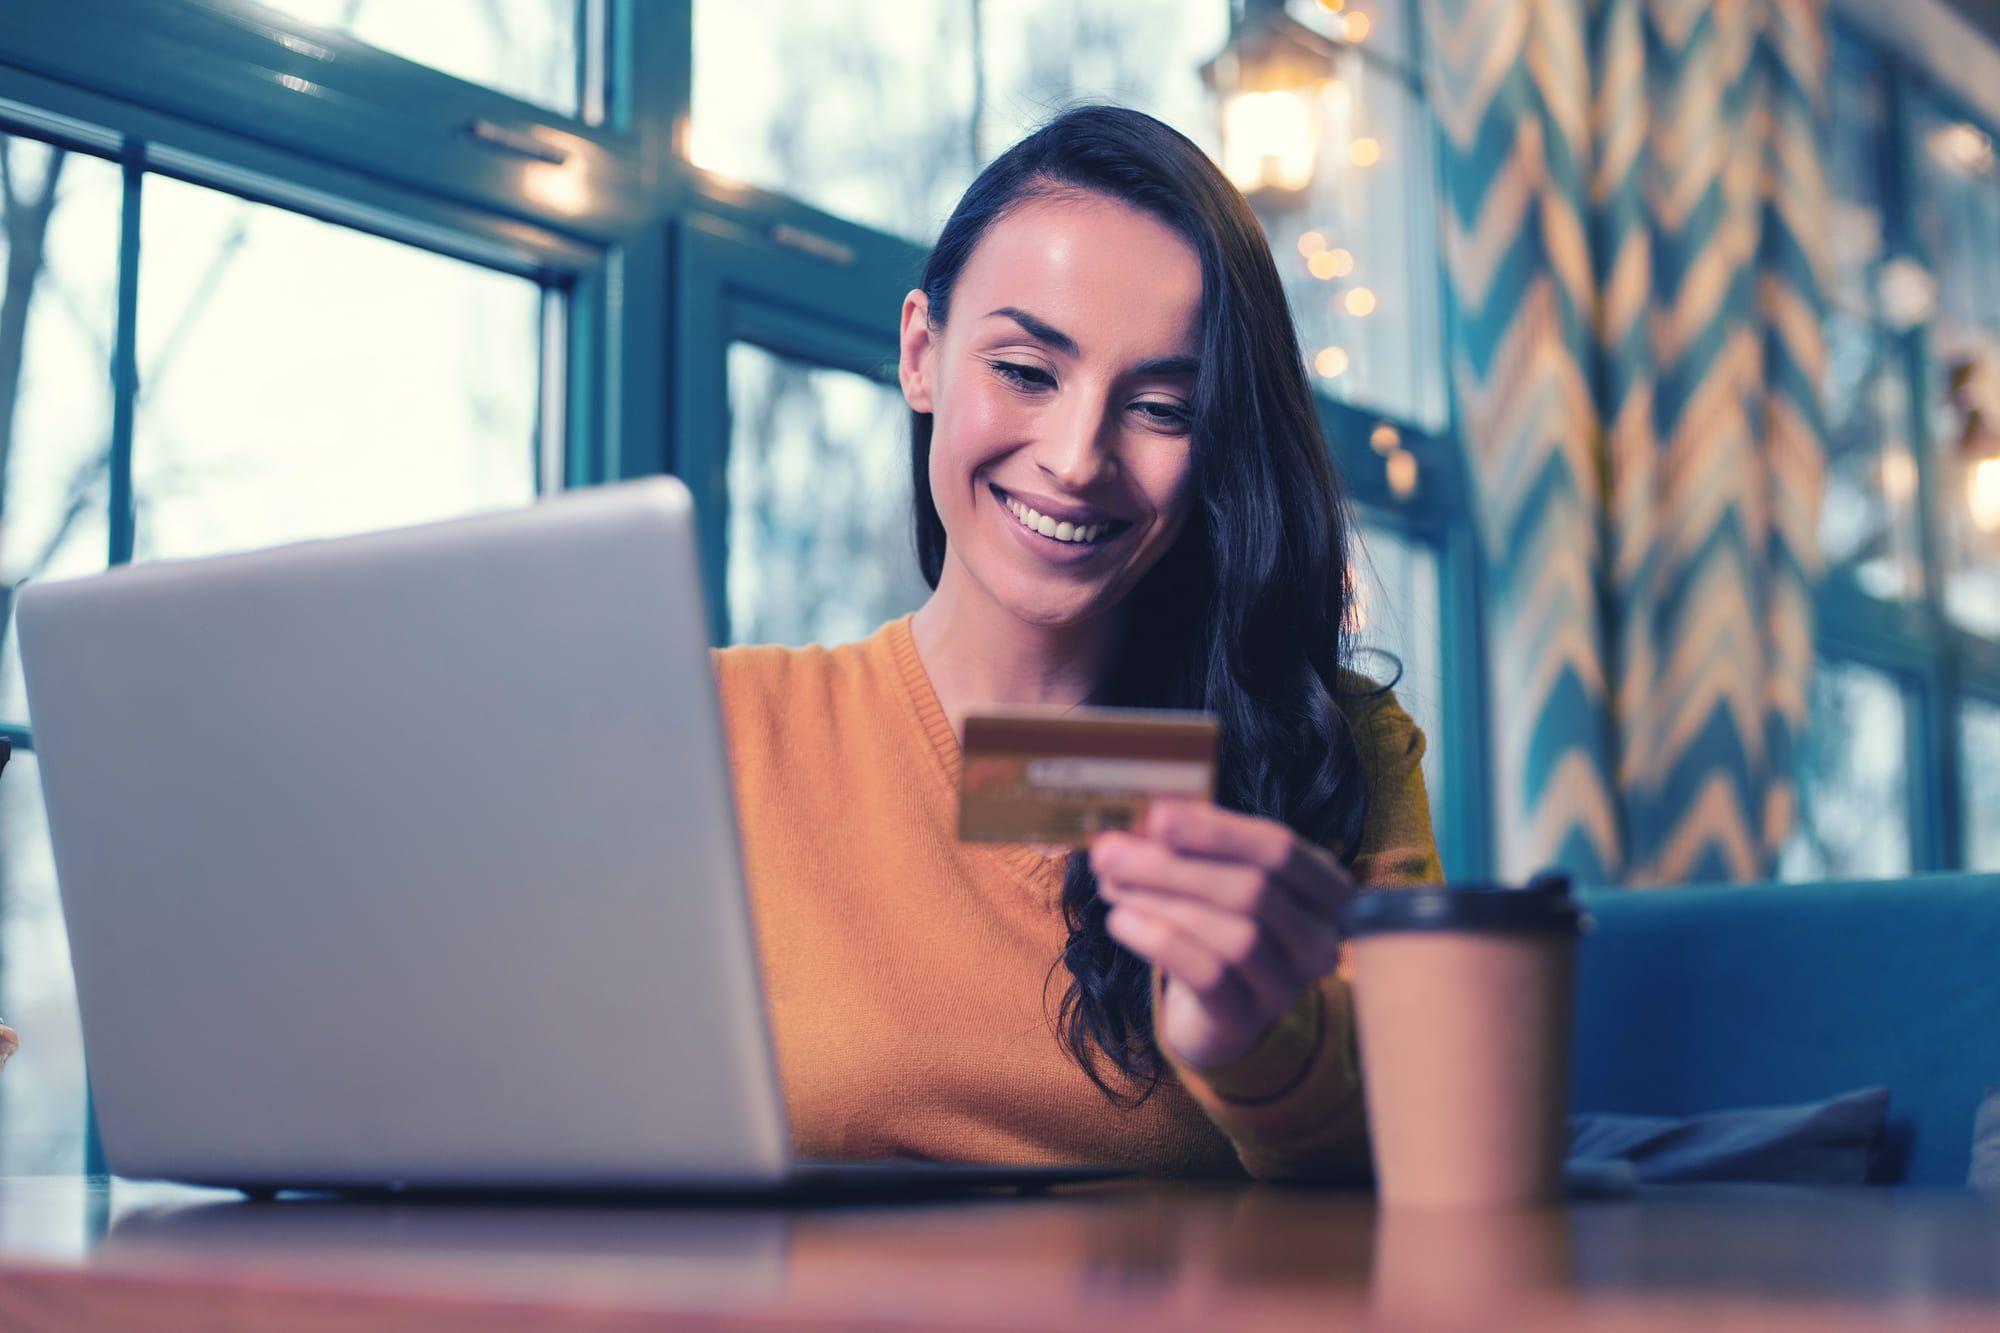 フリーランス必見!個人事業主向けのクレジットカードの比較ポイントとおすすめカード3選